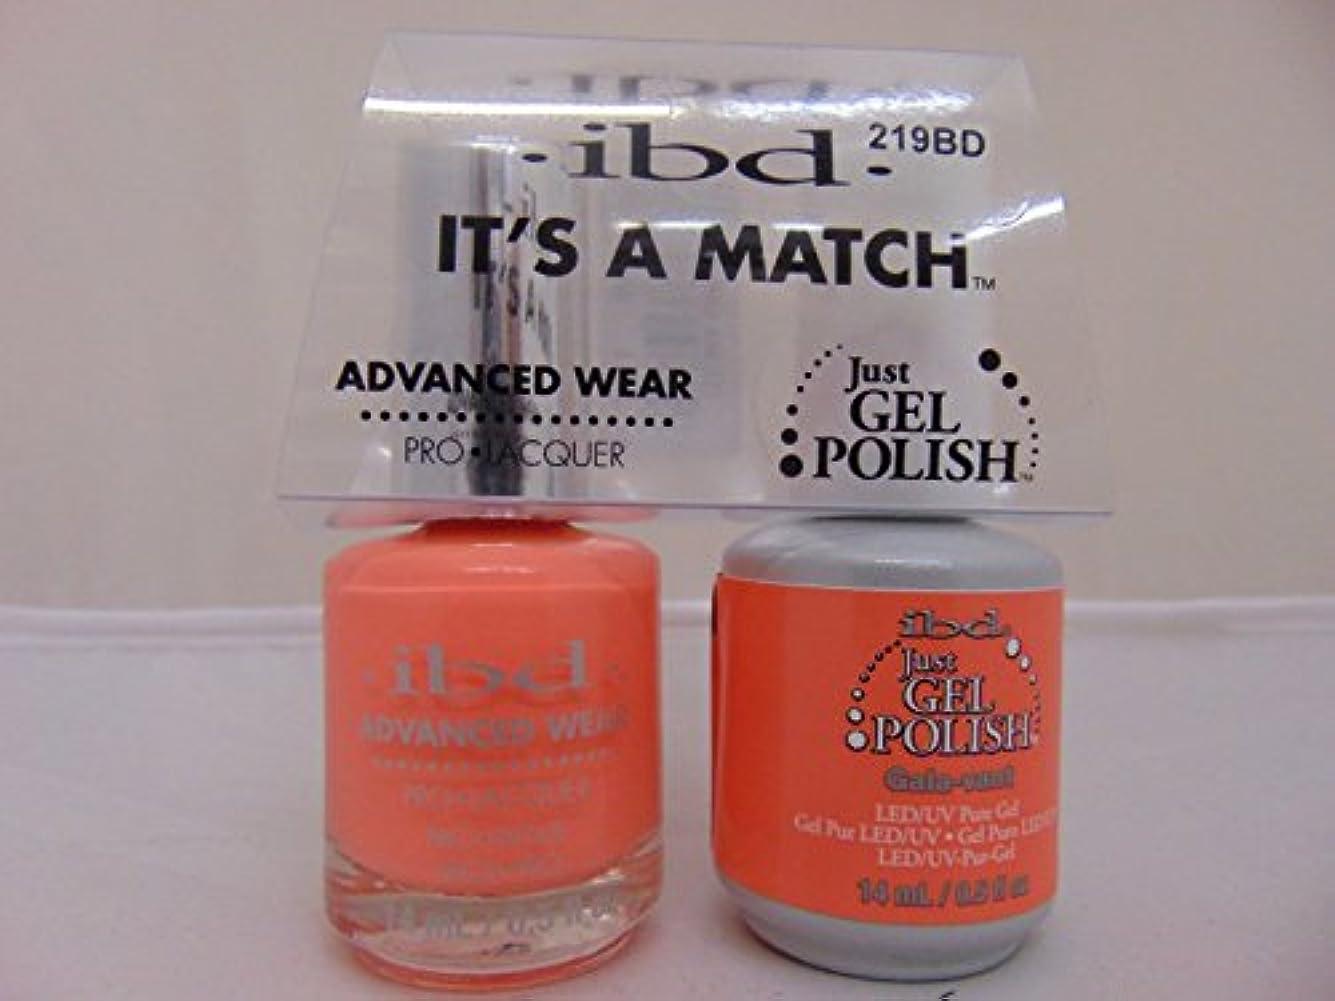 拡散する腐敗した繰り返すibd - It's A Match -Duo Pack- Gala-vant - 14 mL / 0.5 oz Each